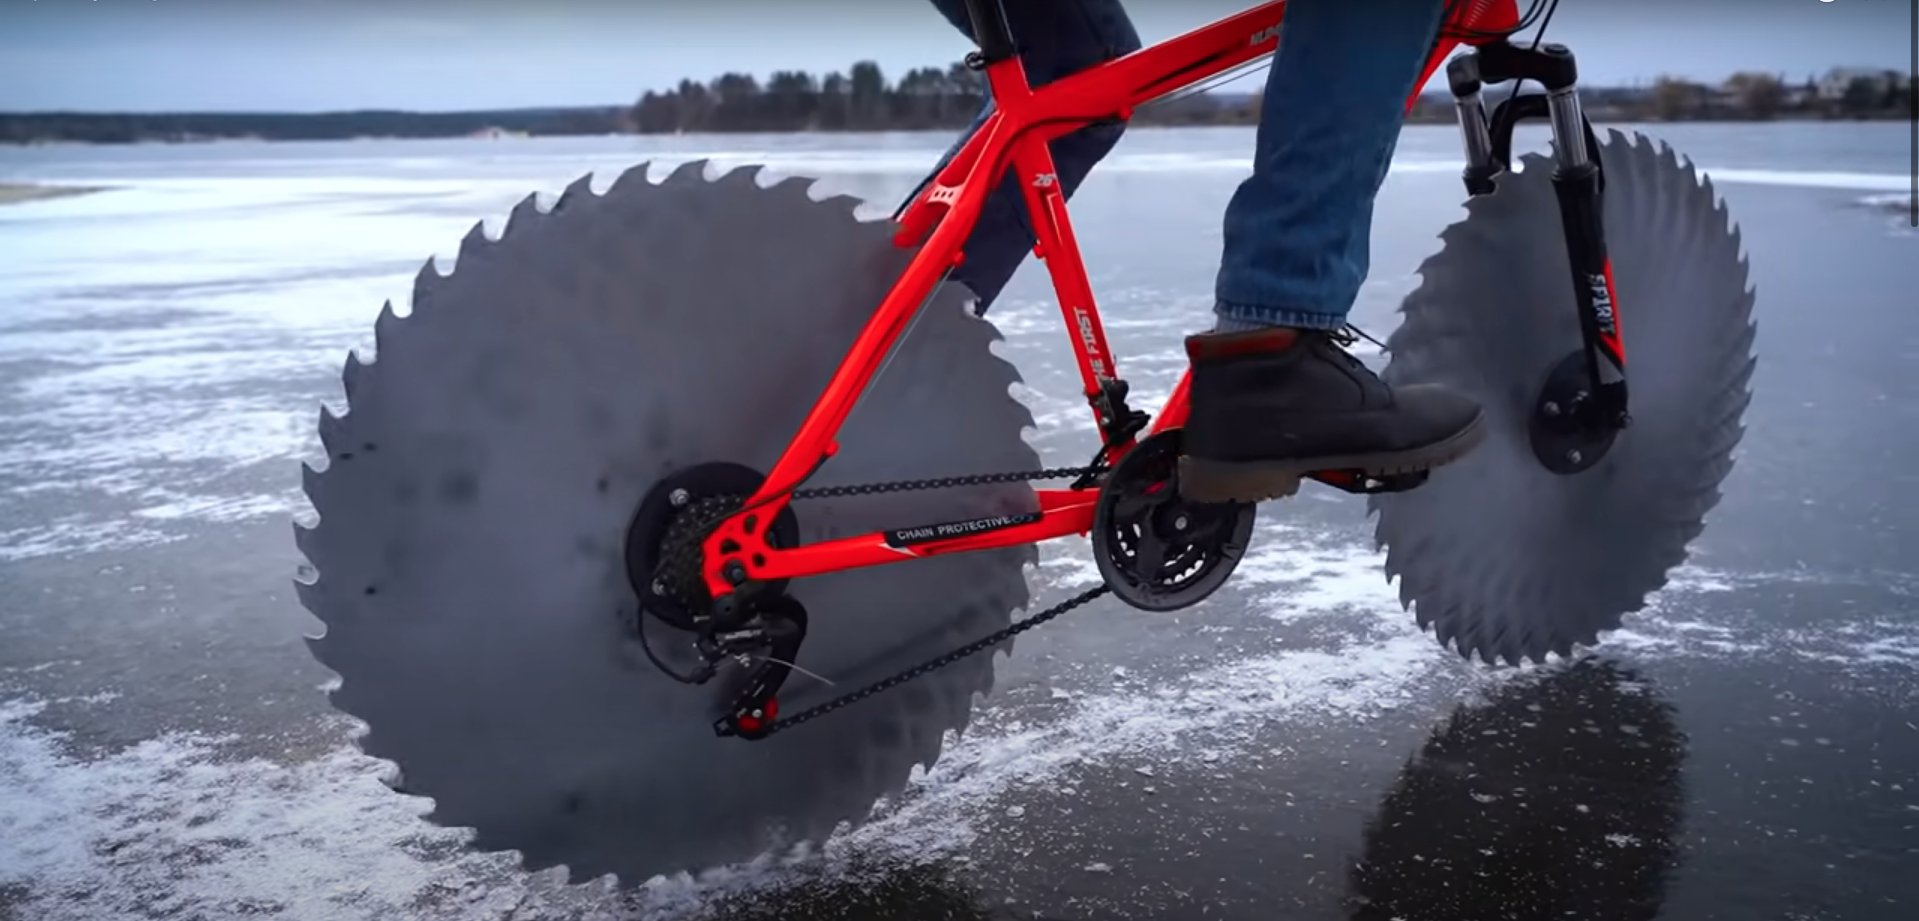 Dieses mit einem Sägerad ausgestattete Fahrrad ist ein Schneewitz